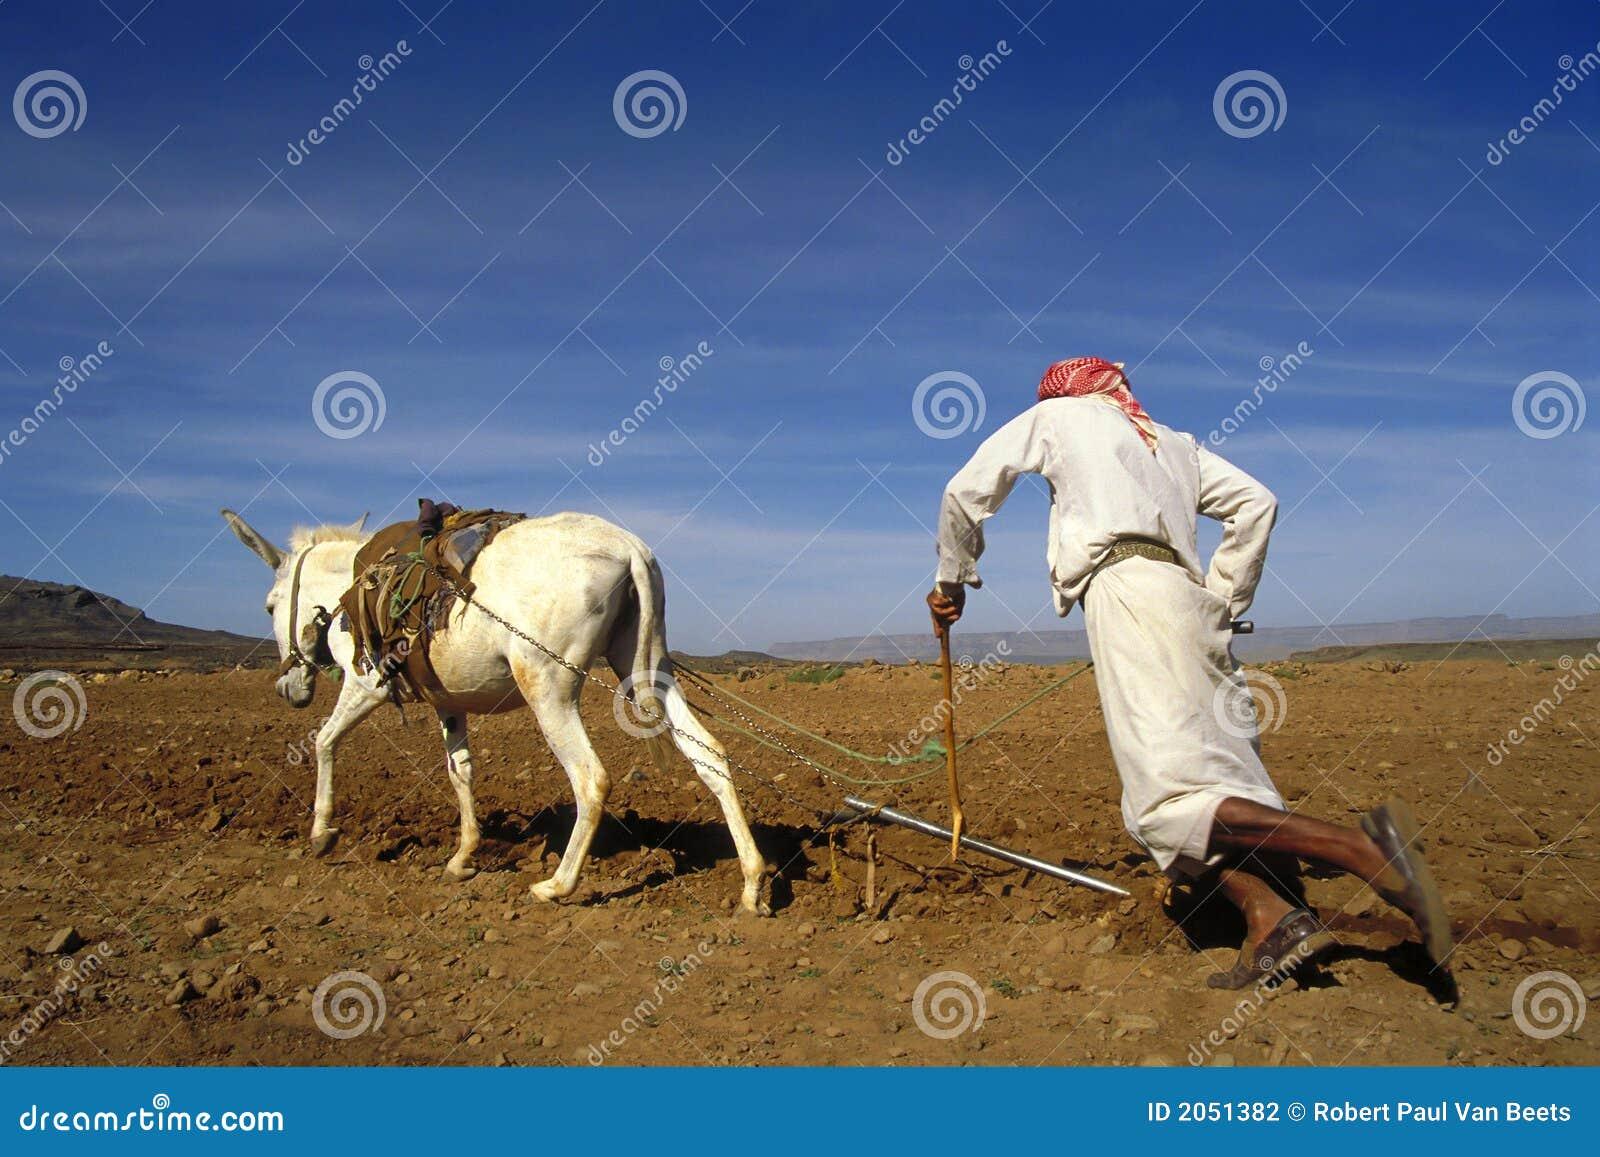 Junger landwirt bei der arbeit  Landwirt Bei Der Arbeit In Yemen Stockfoto - Bild: 2051382